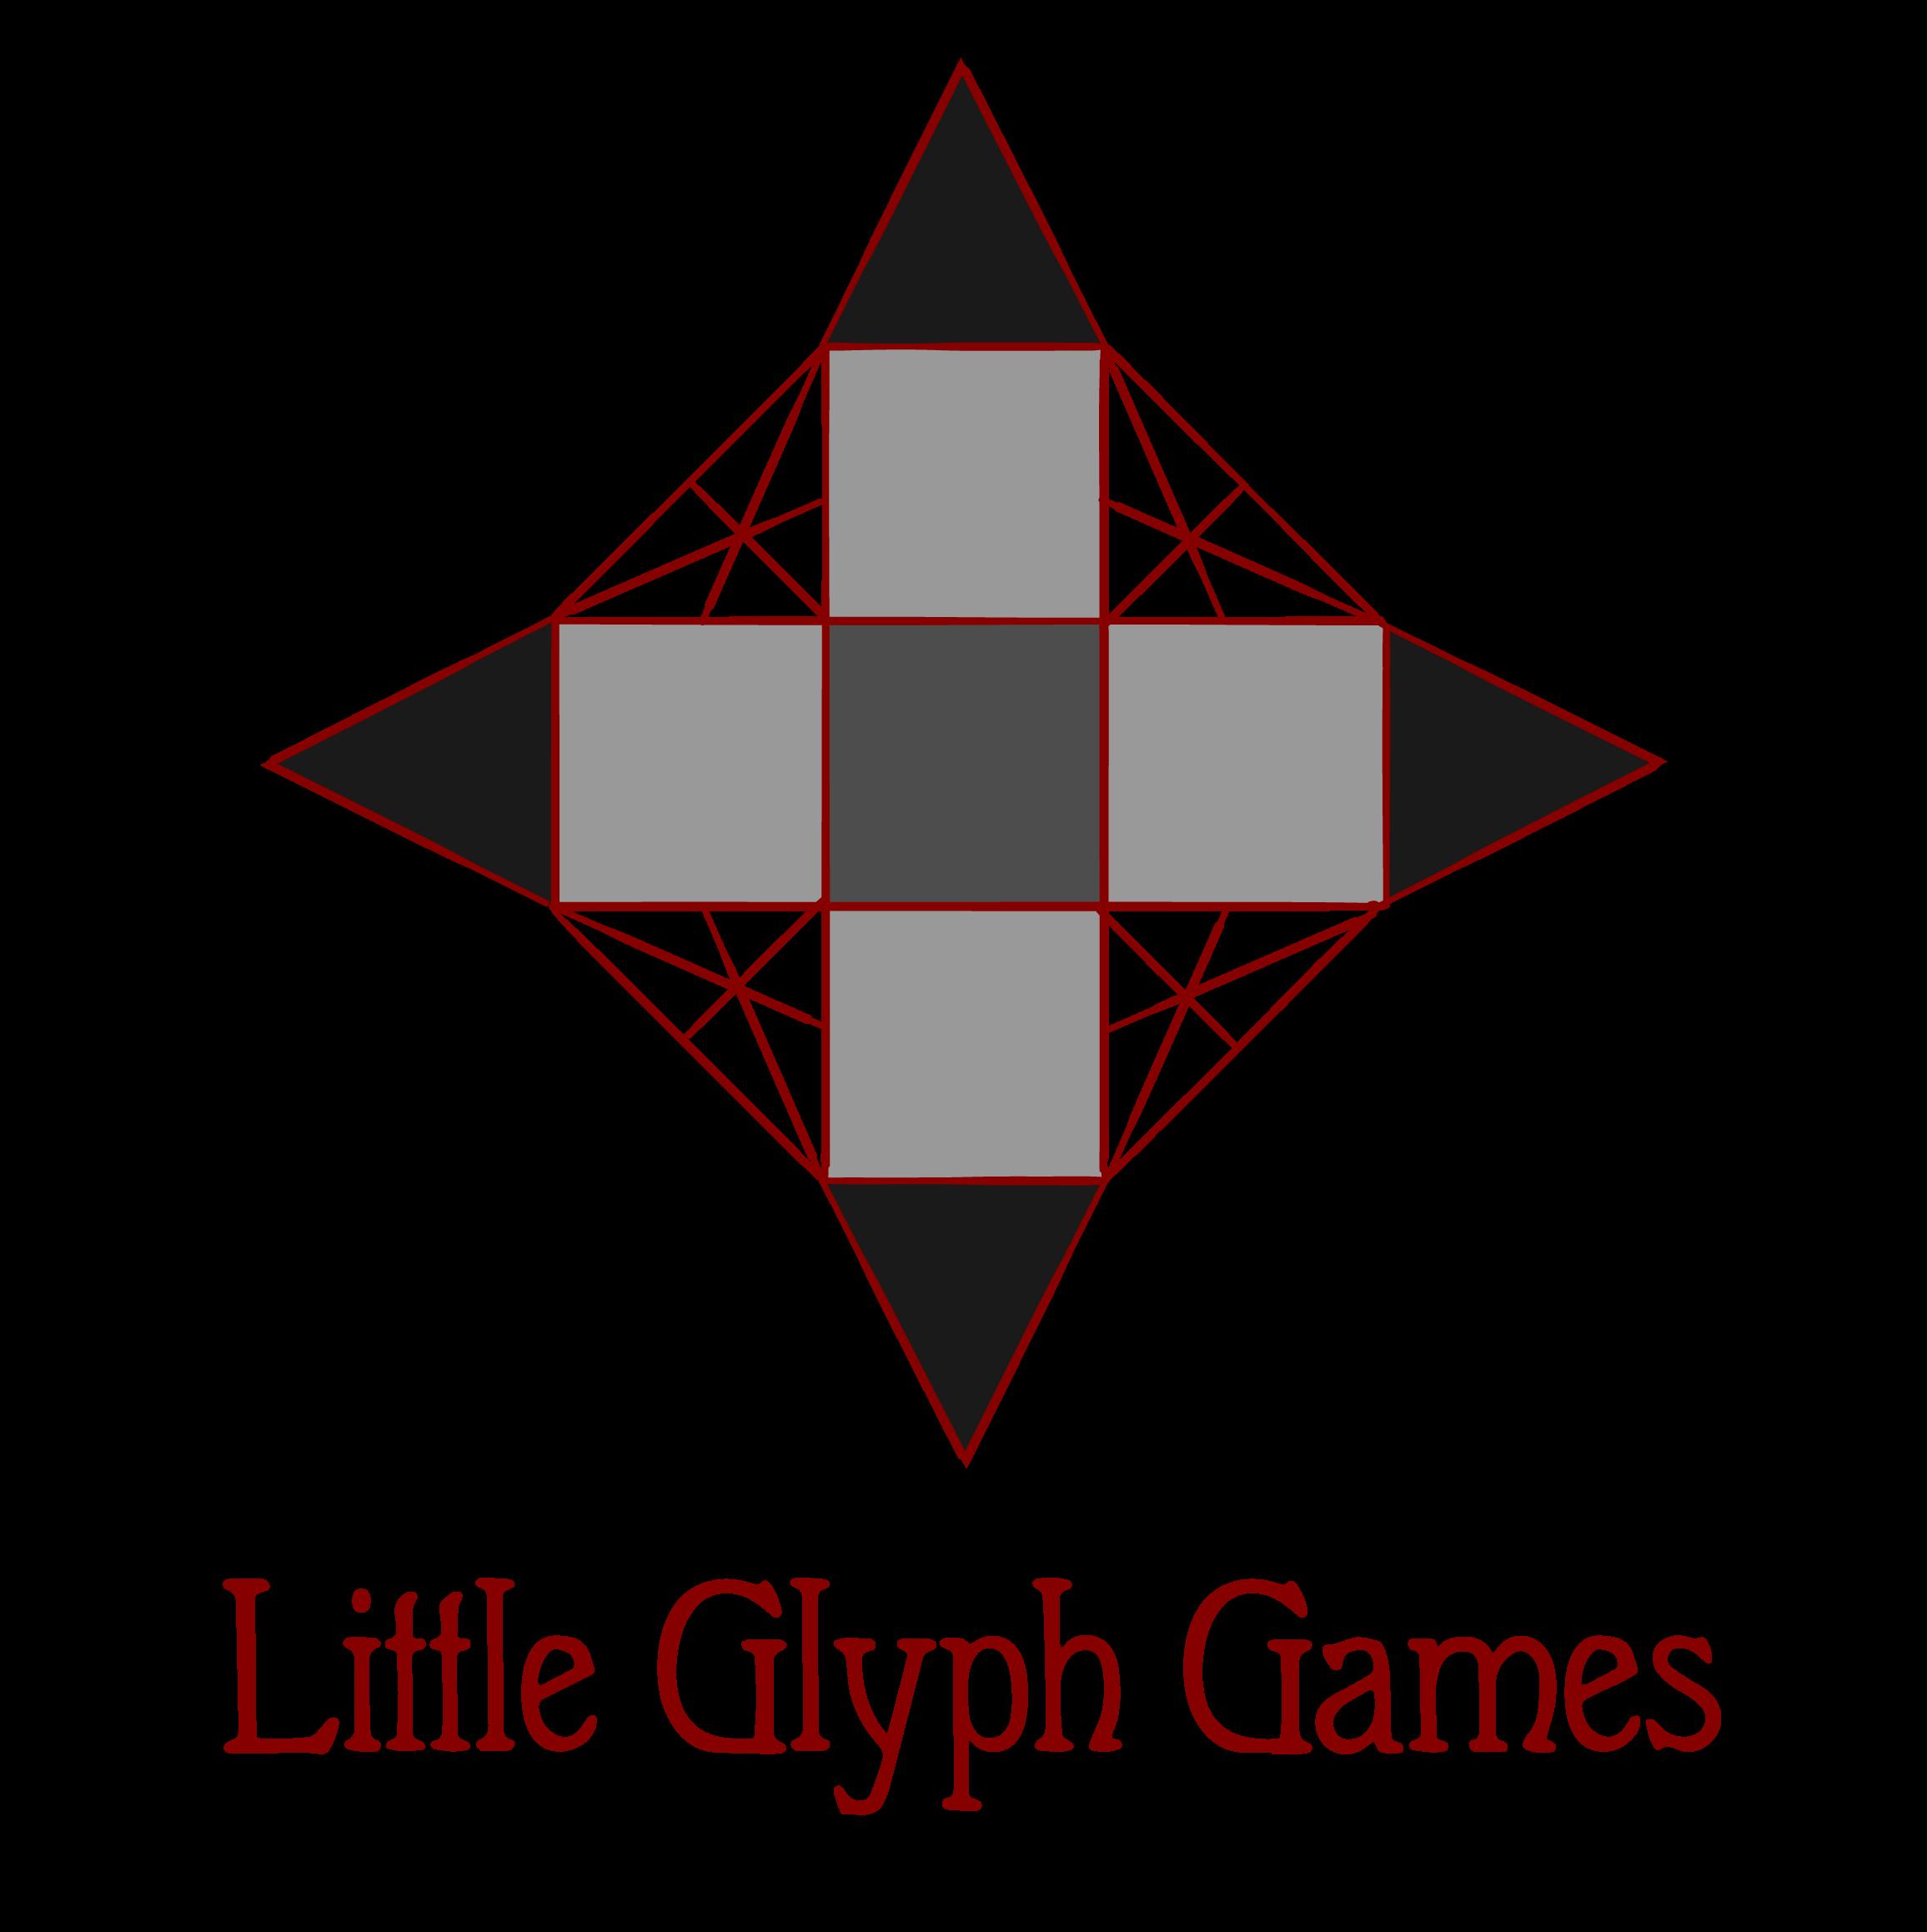 Little Glyph Games